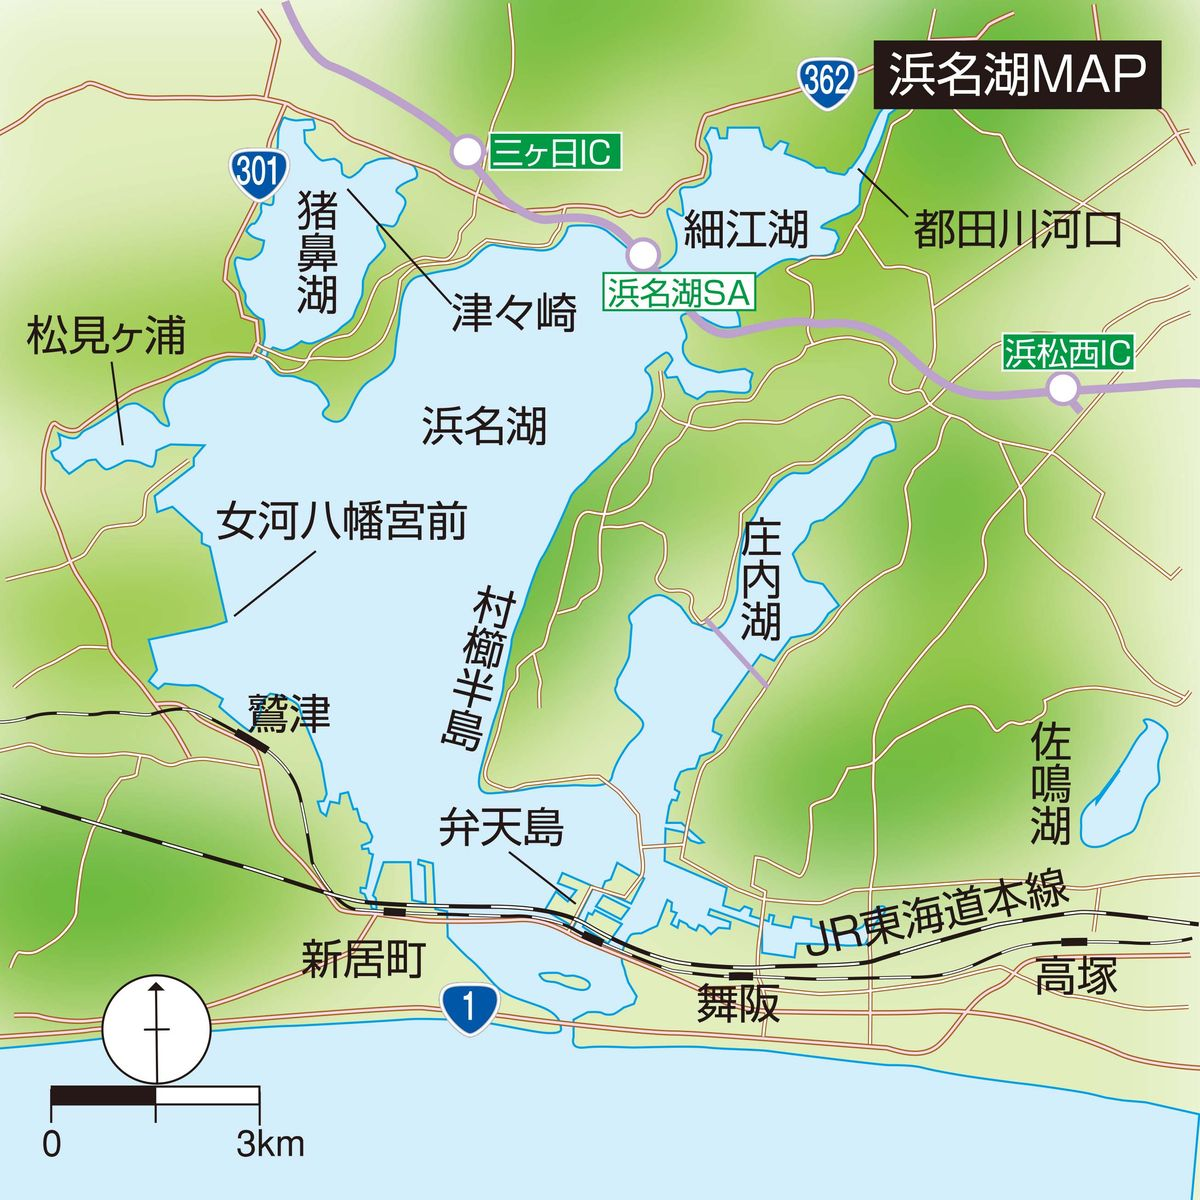 090-101_zenkokutsuriba07_cs6 (4)